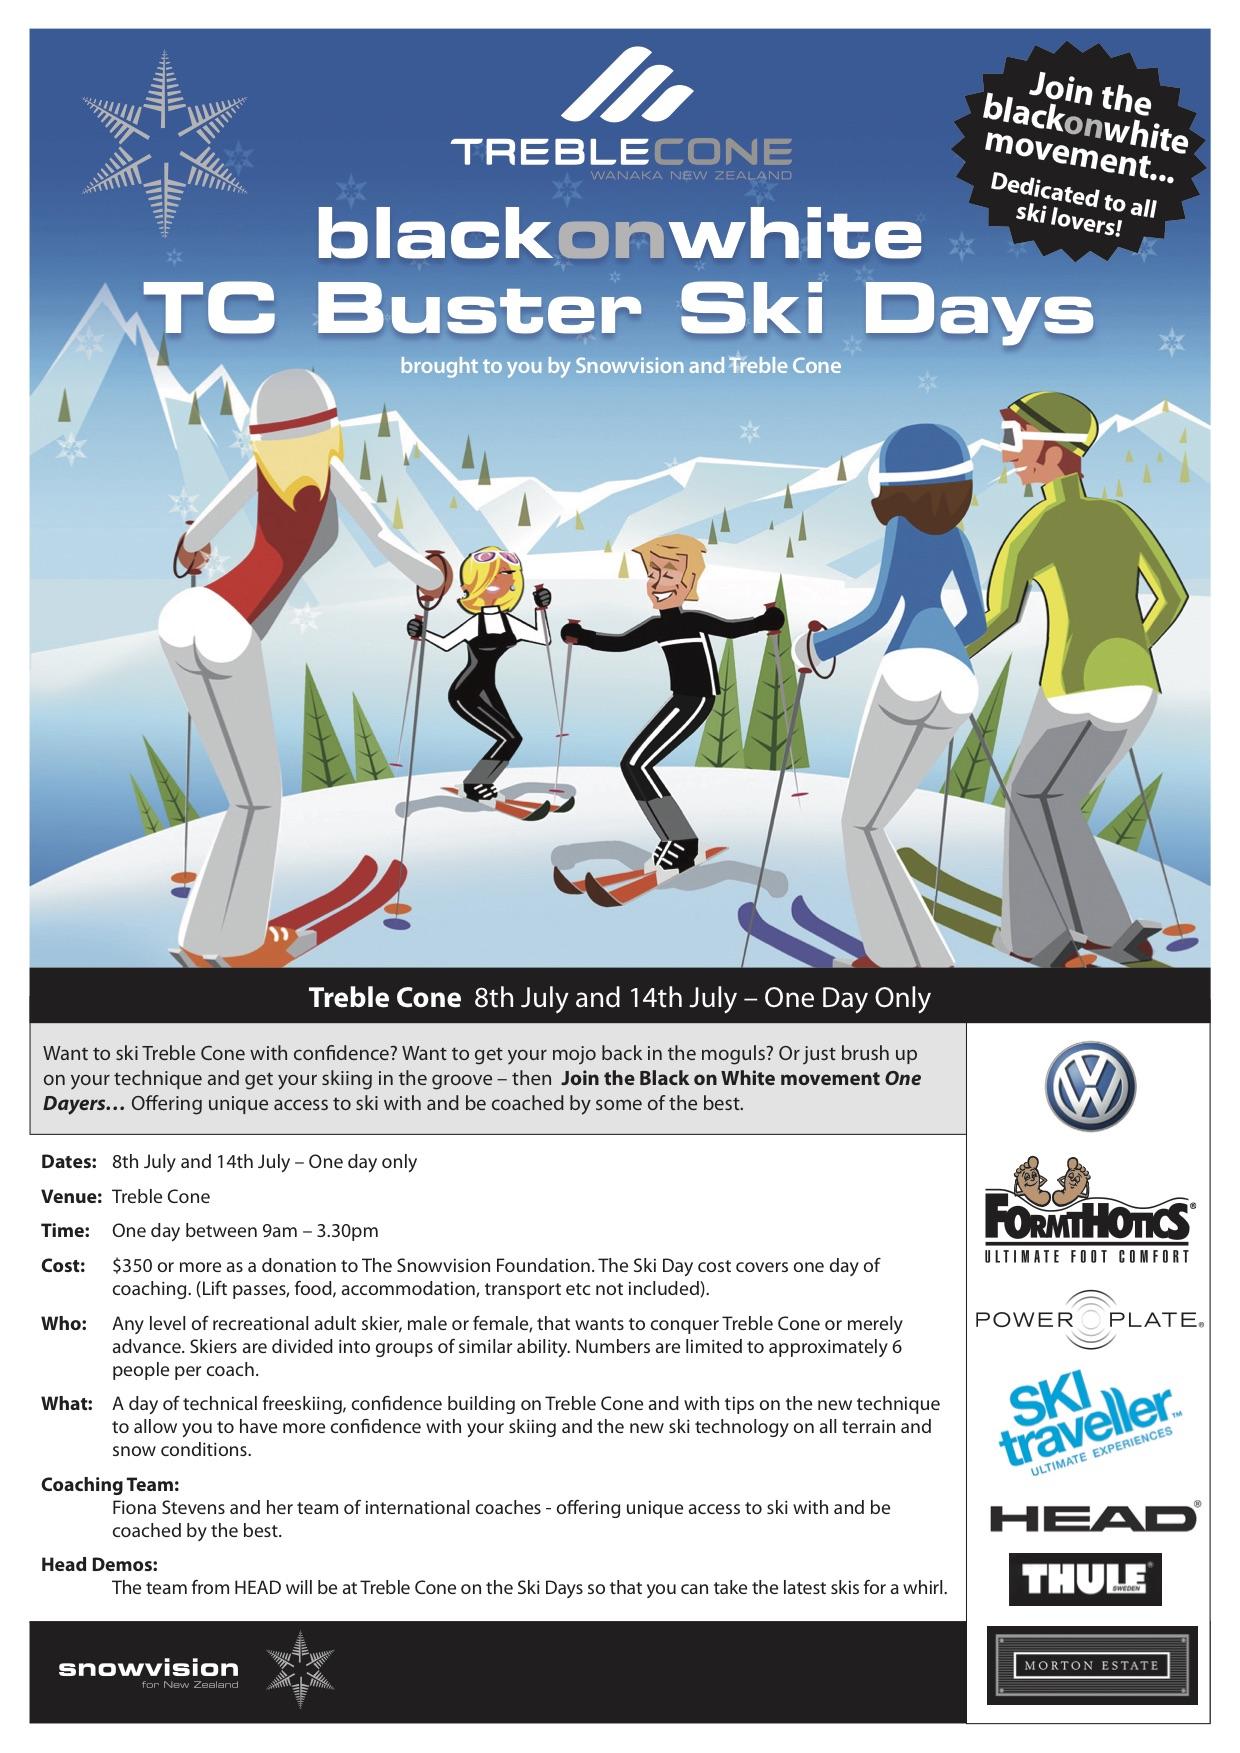 Invitation to Treble Cone Buster Ski Day 2009